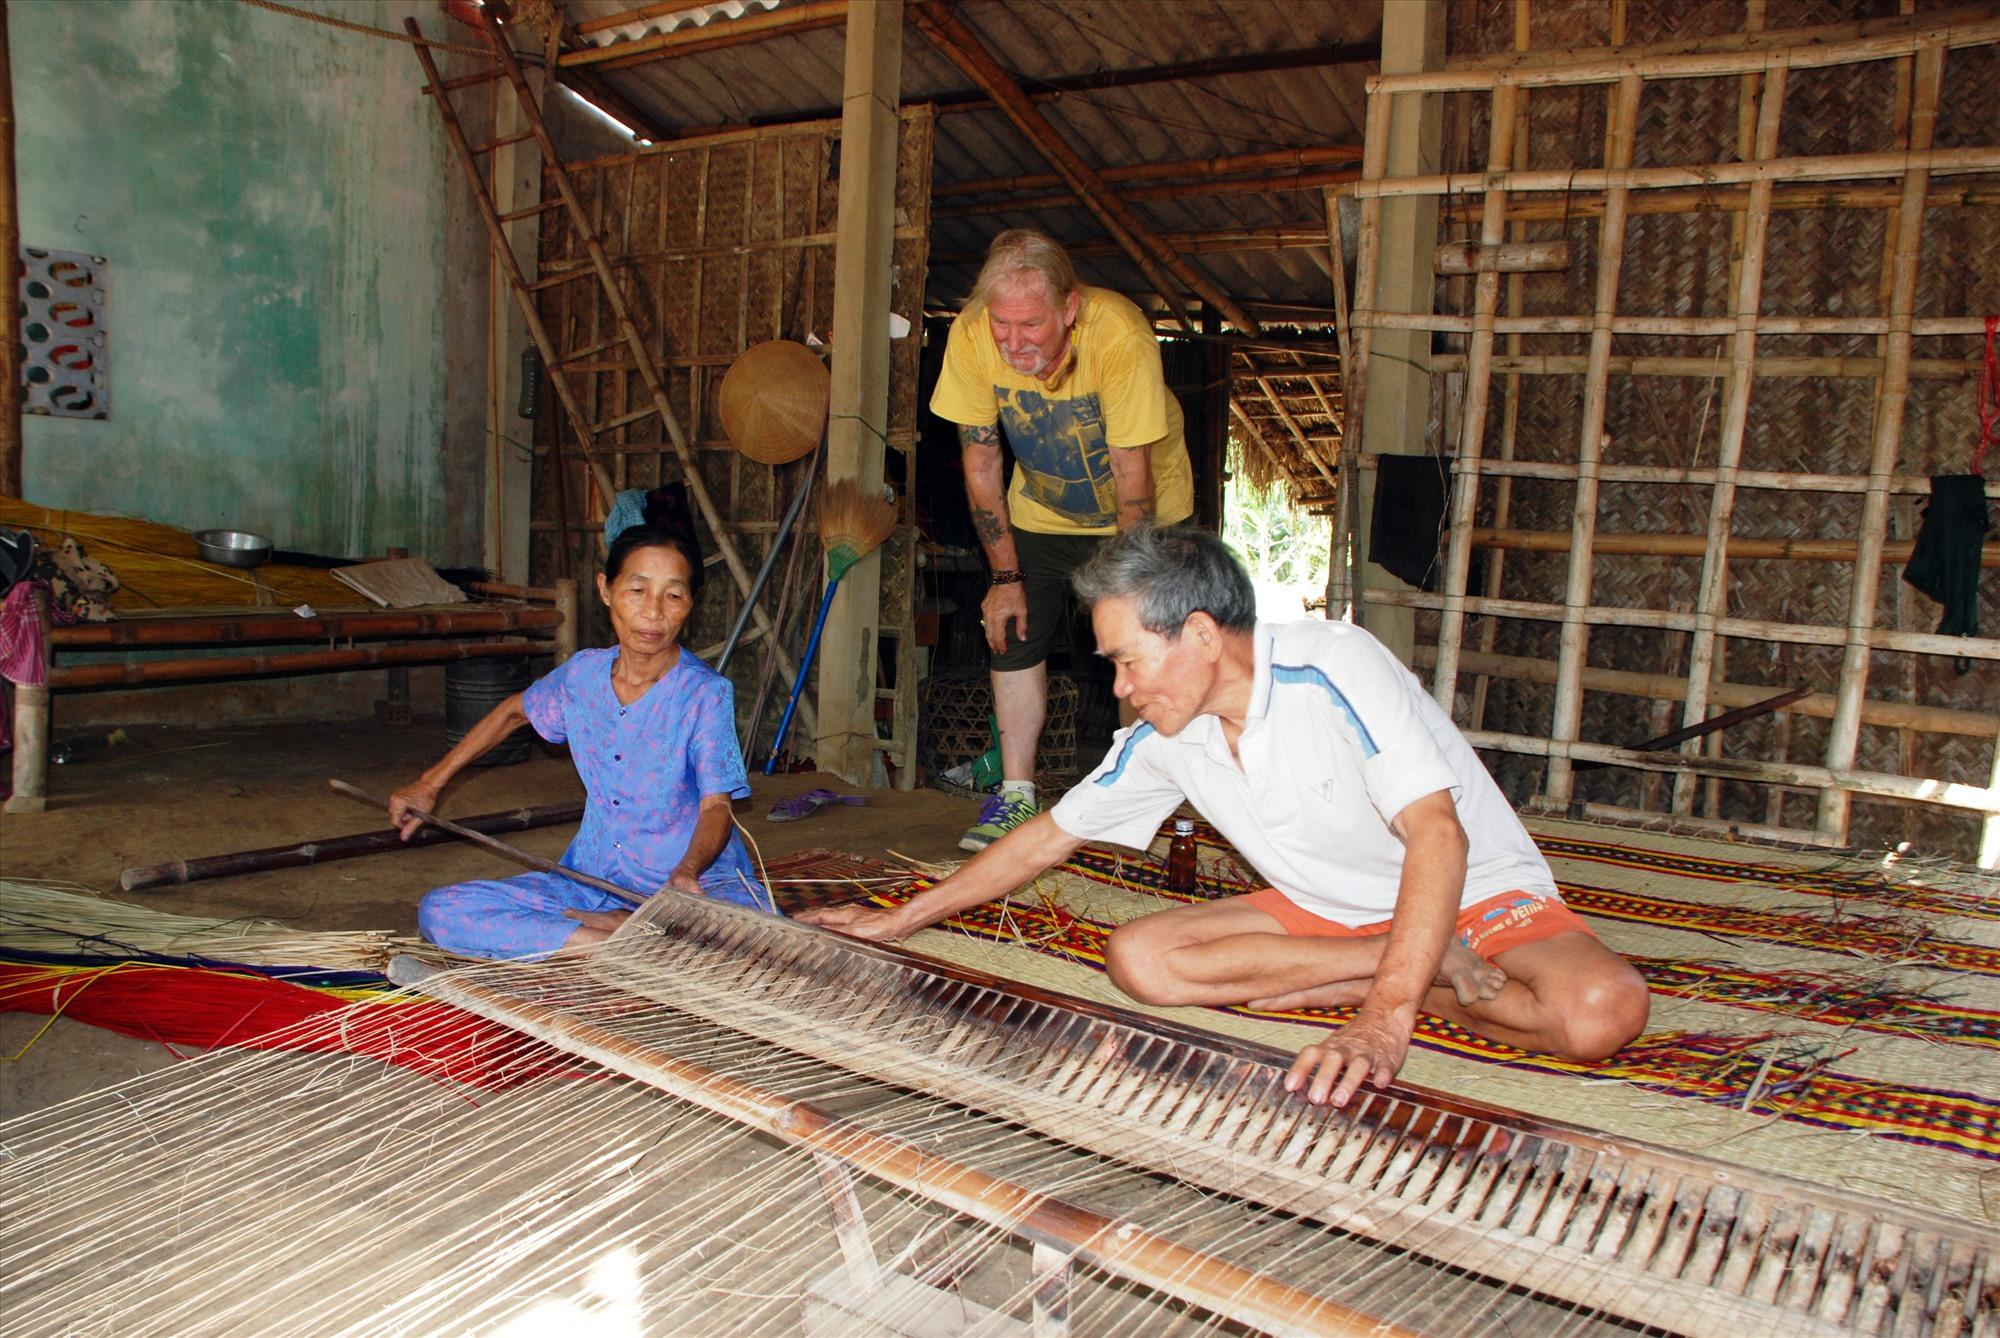 Văn hóa đặc sắc là một lợi thế lớn để phát triển du lịch cộng đồng ở Quảng Nam. Ảnh: TUẤN HIỀN